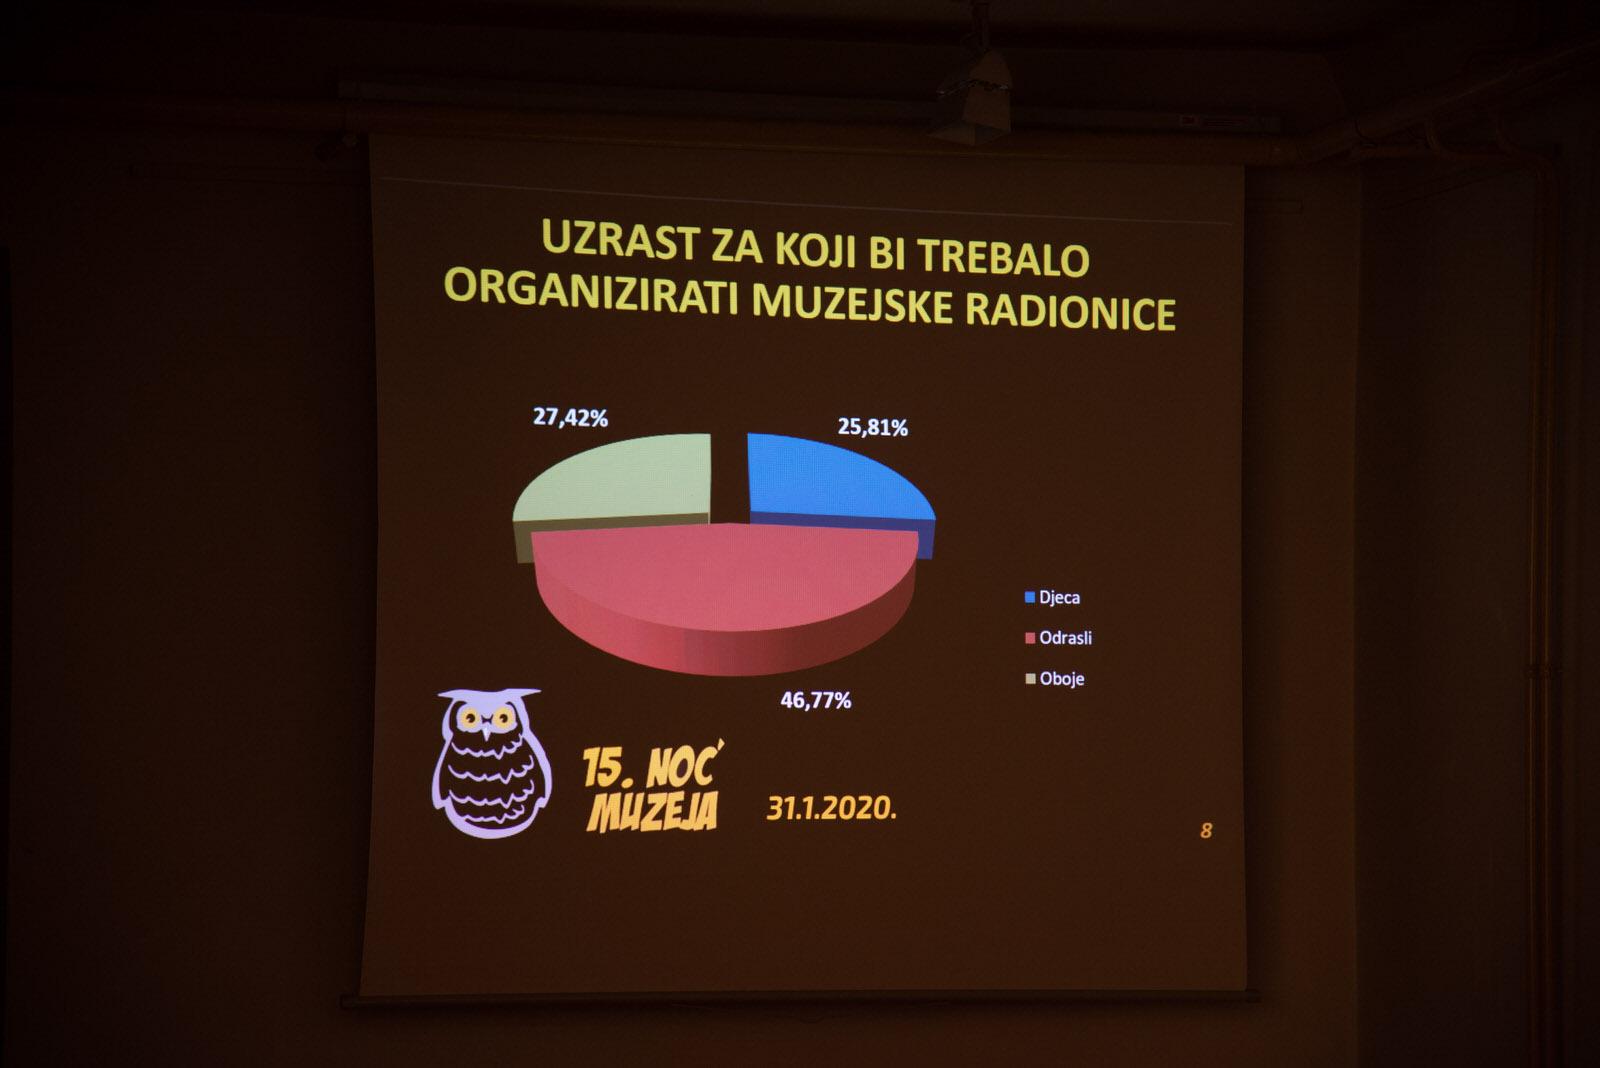 anketa rezultati (7)